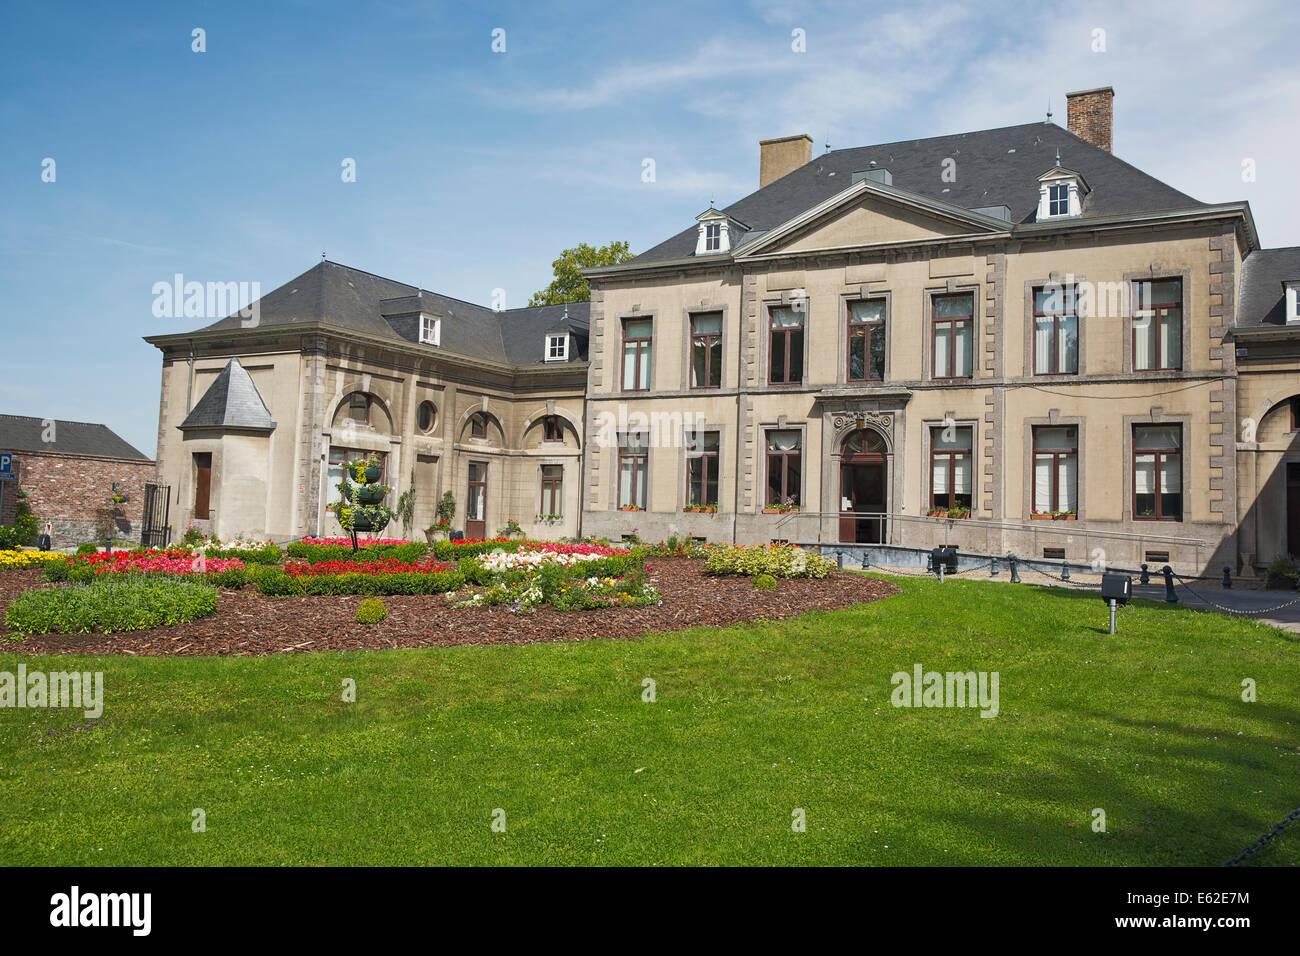 Side view of the Château de la Paix - Stock Image